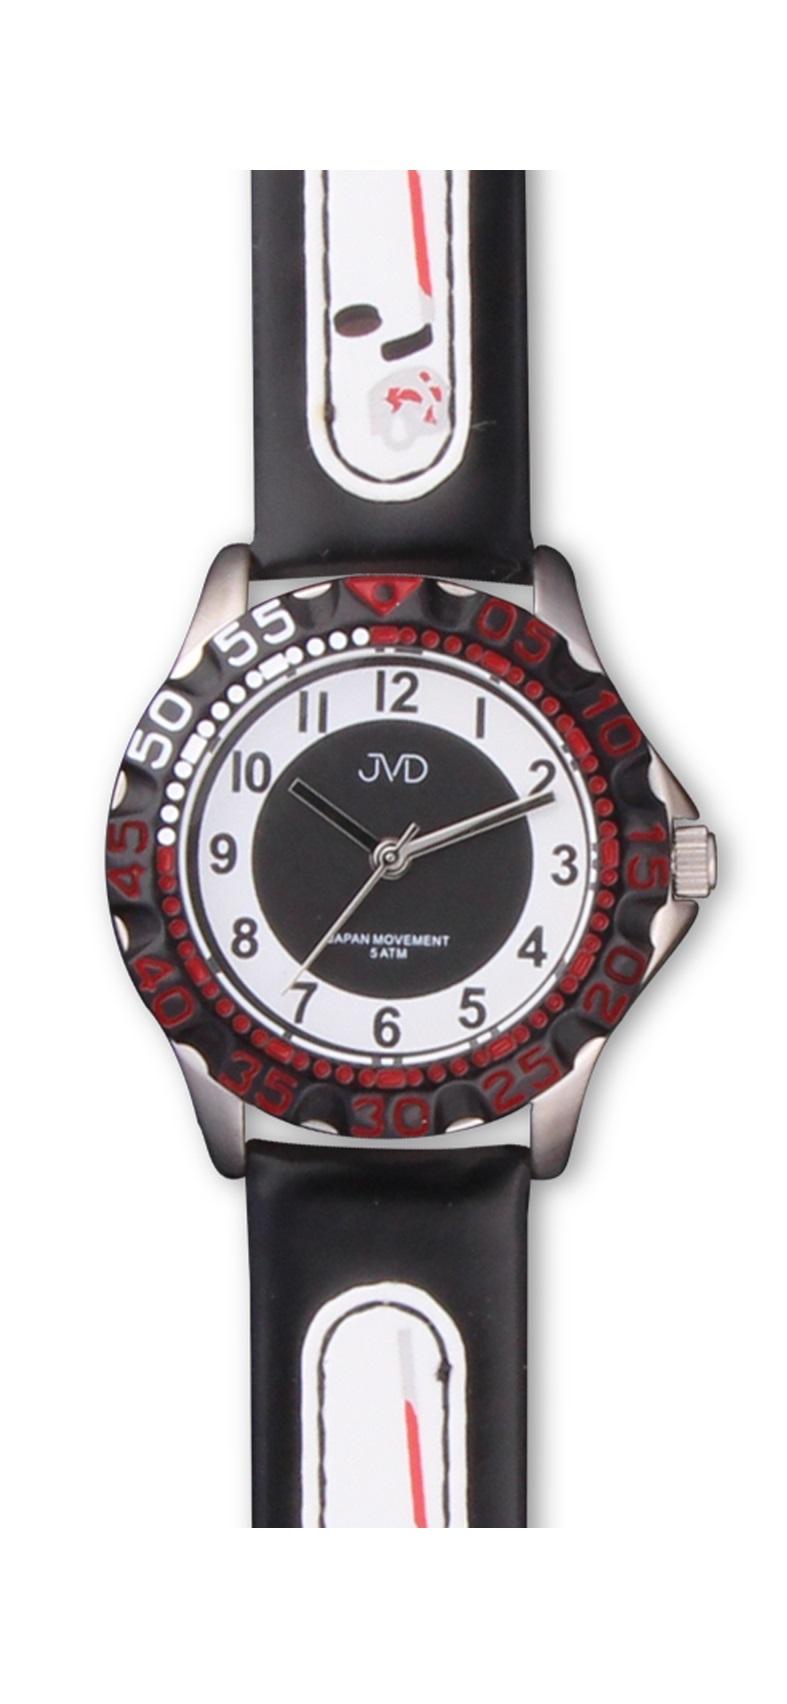 Hokejové chlapecké sportovní hodinky JVD J7078.2 pro hokejisty - 5ATM (pro malé hokejisty)